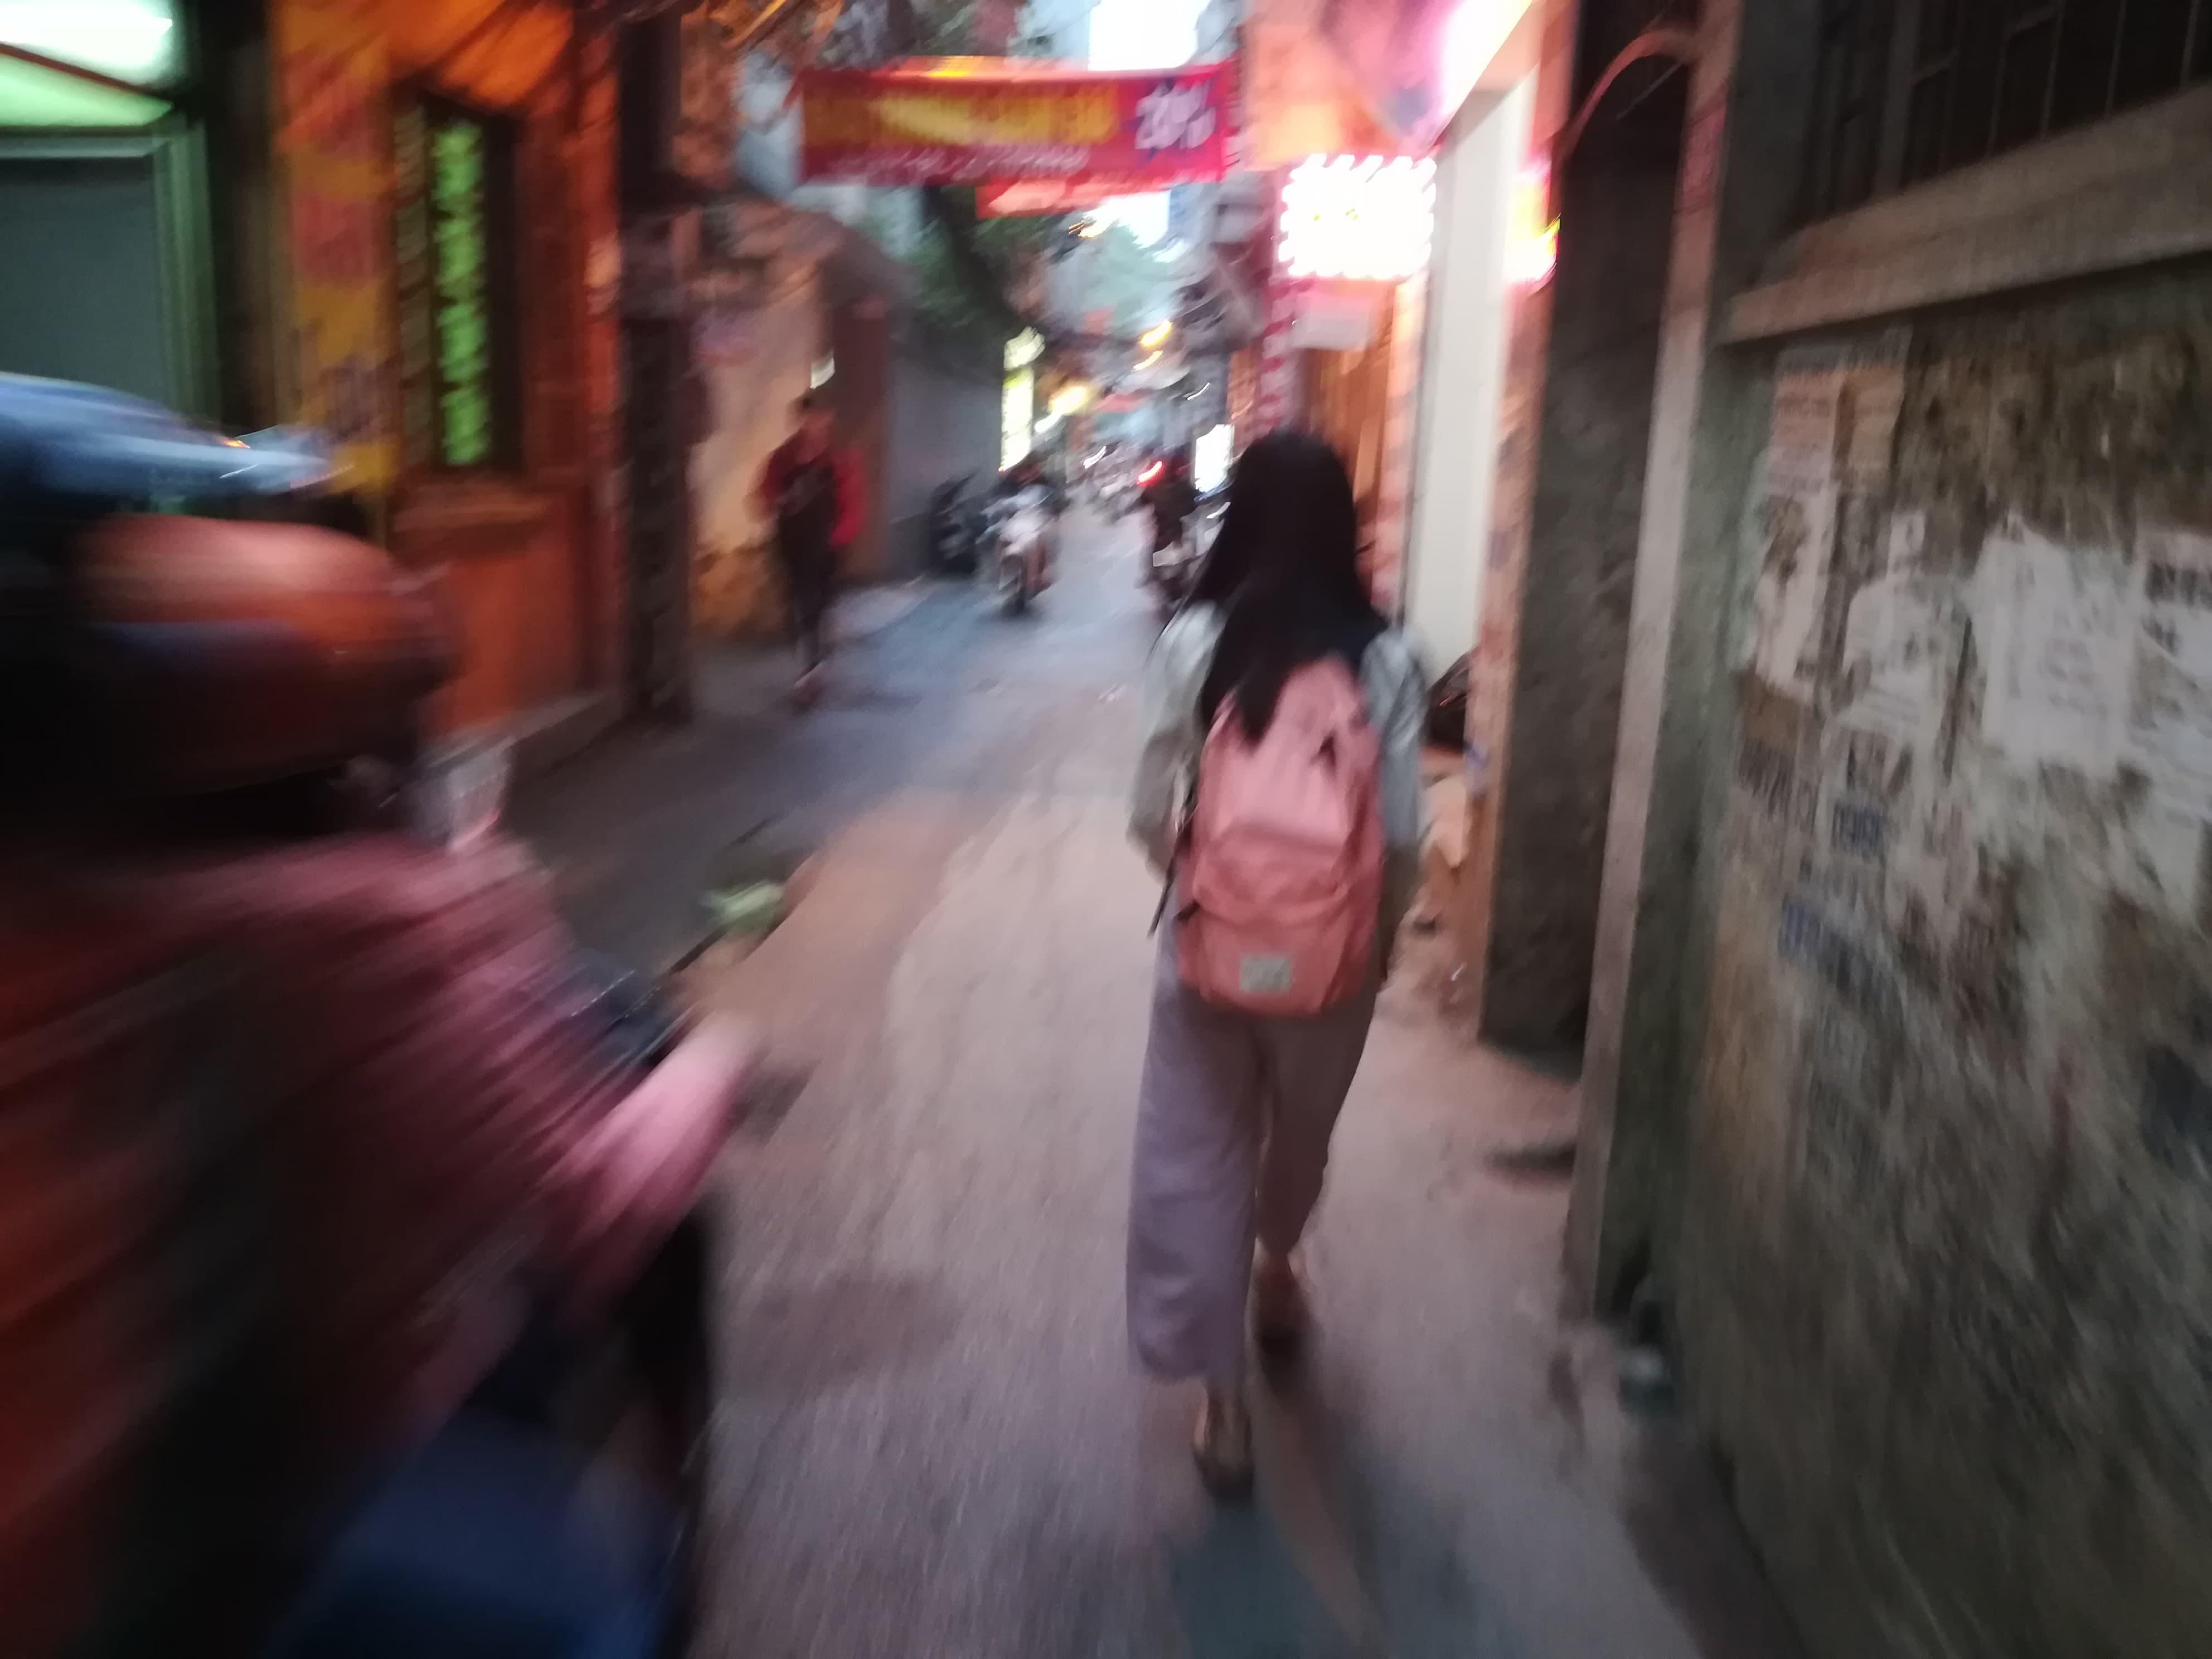 ベトナム留学前や留学後にしておいて良かった事を紹介